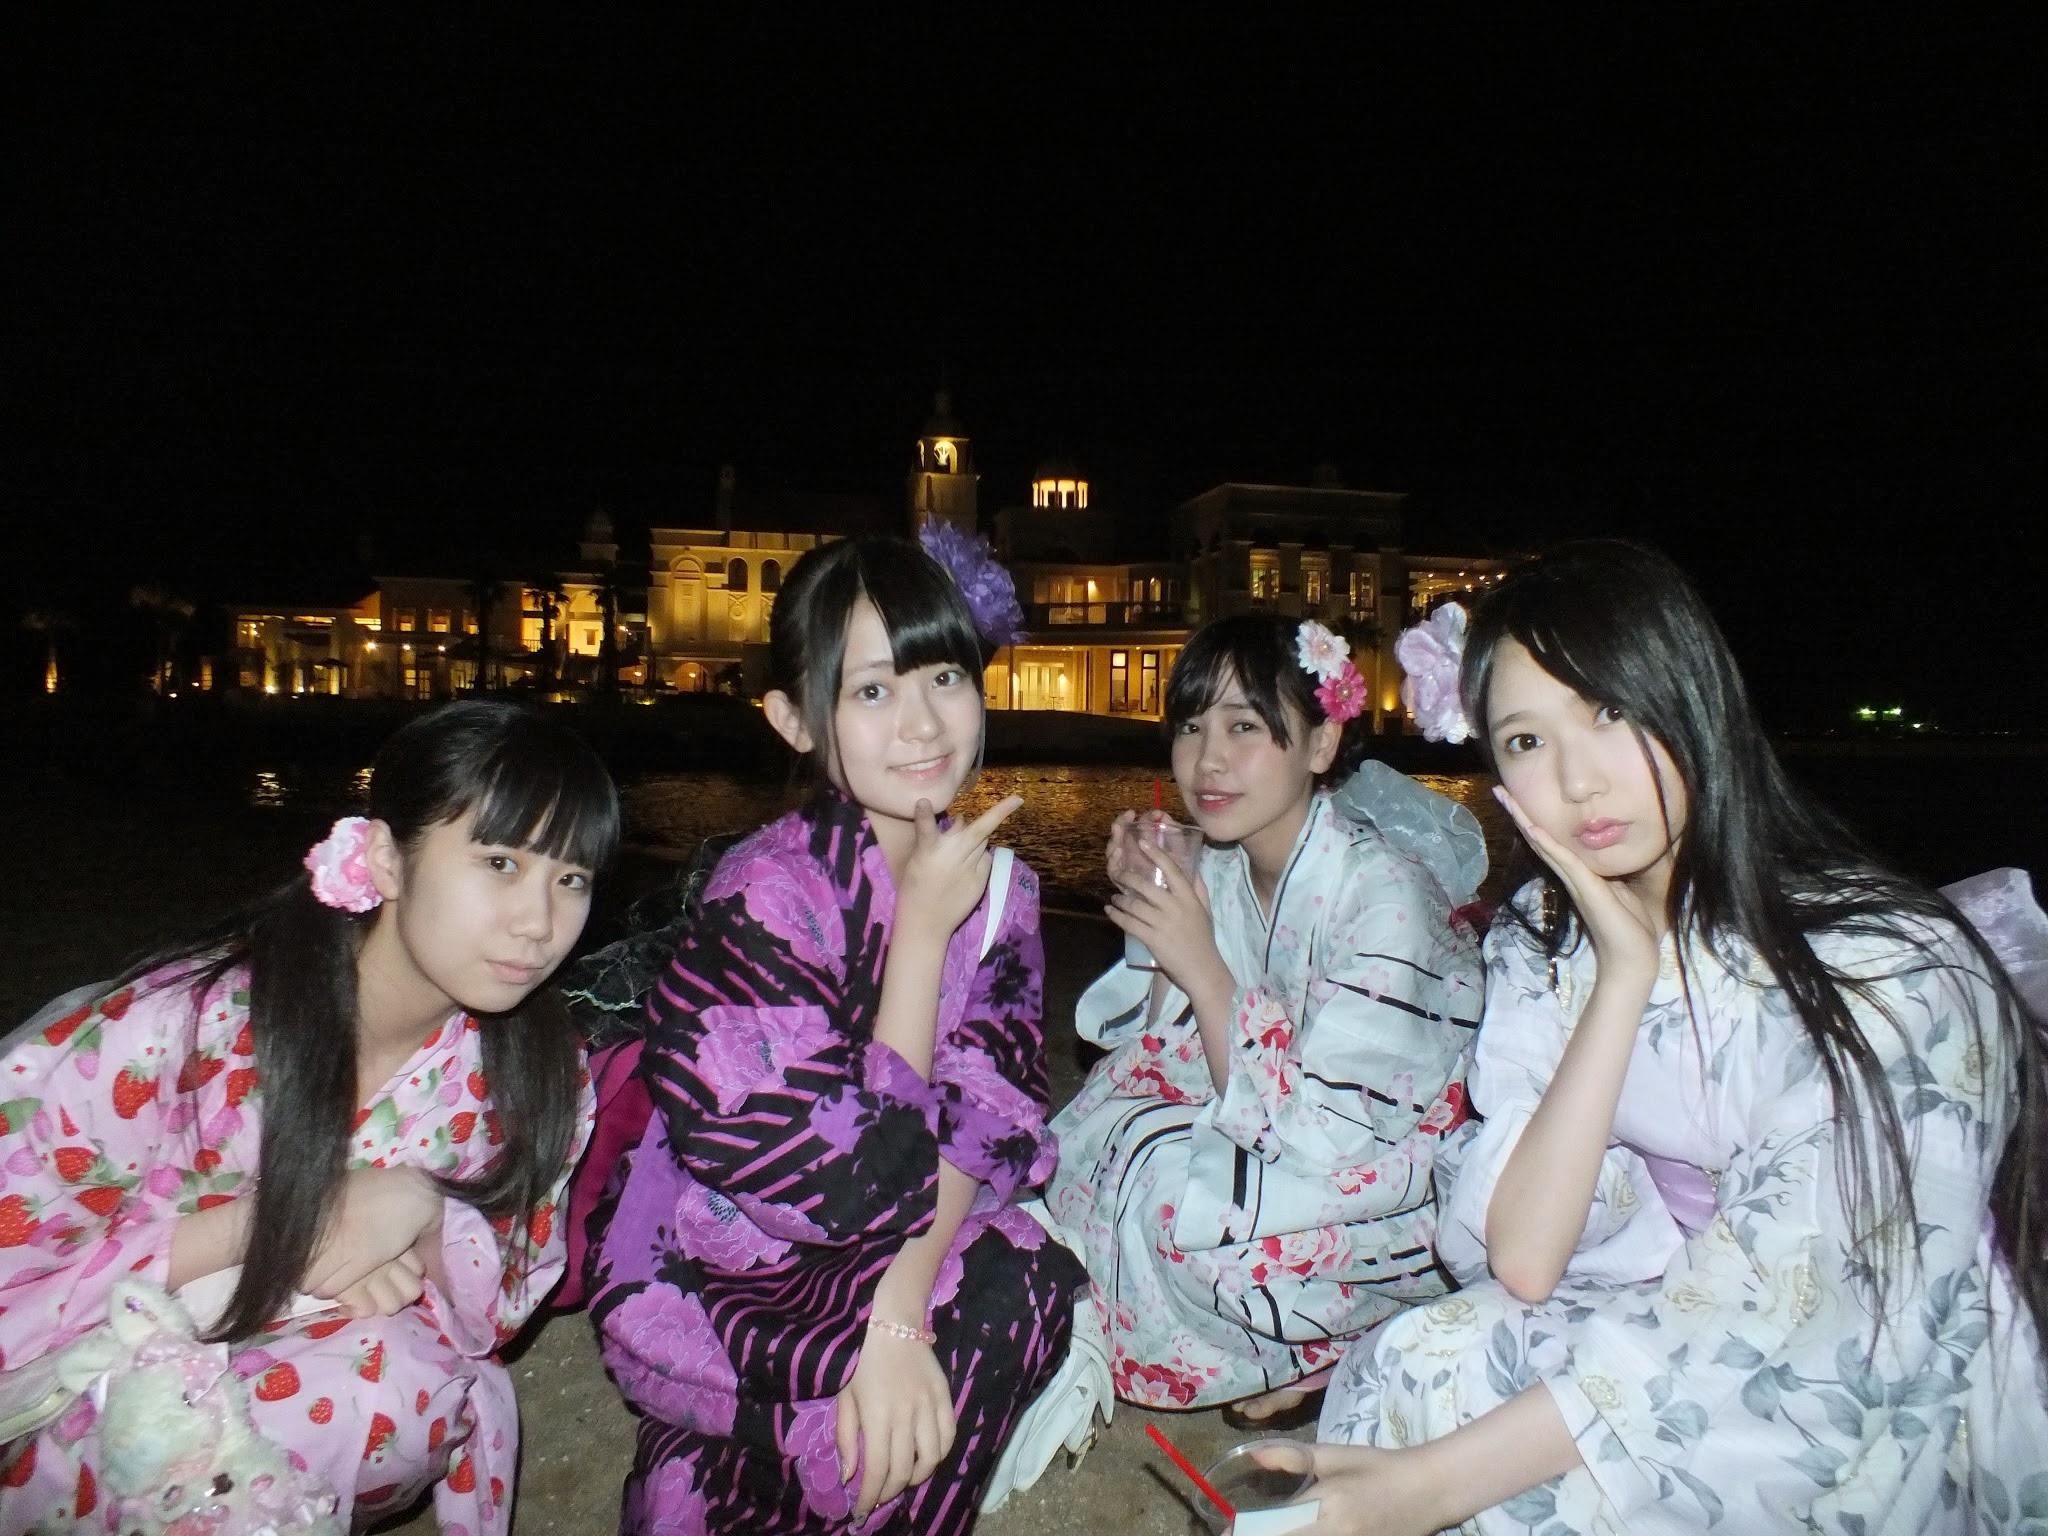 【大和】メンバーの和装画像を貼って愛でるスレ【撫子】YouTube動画>4本 ->画像>724枚